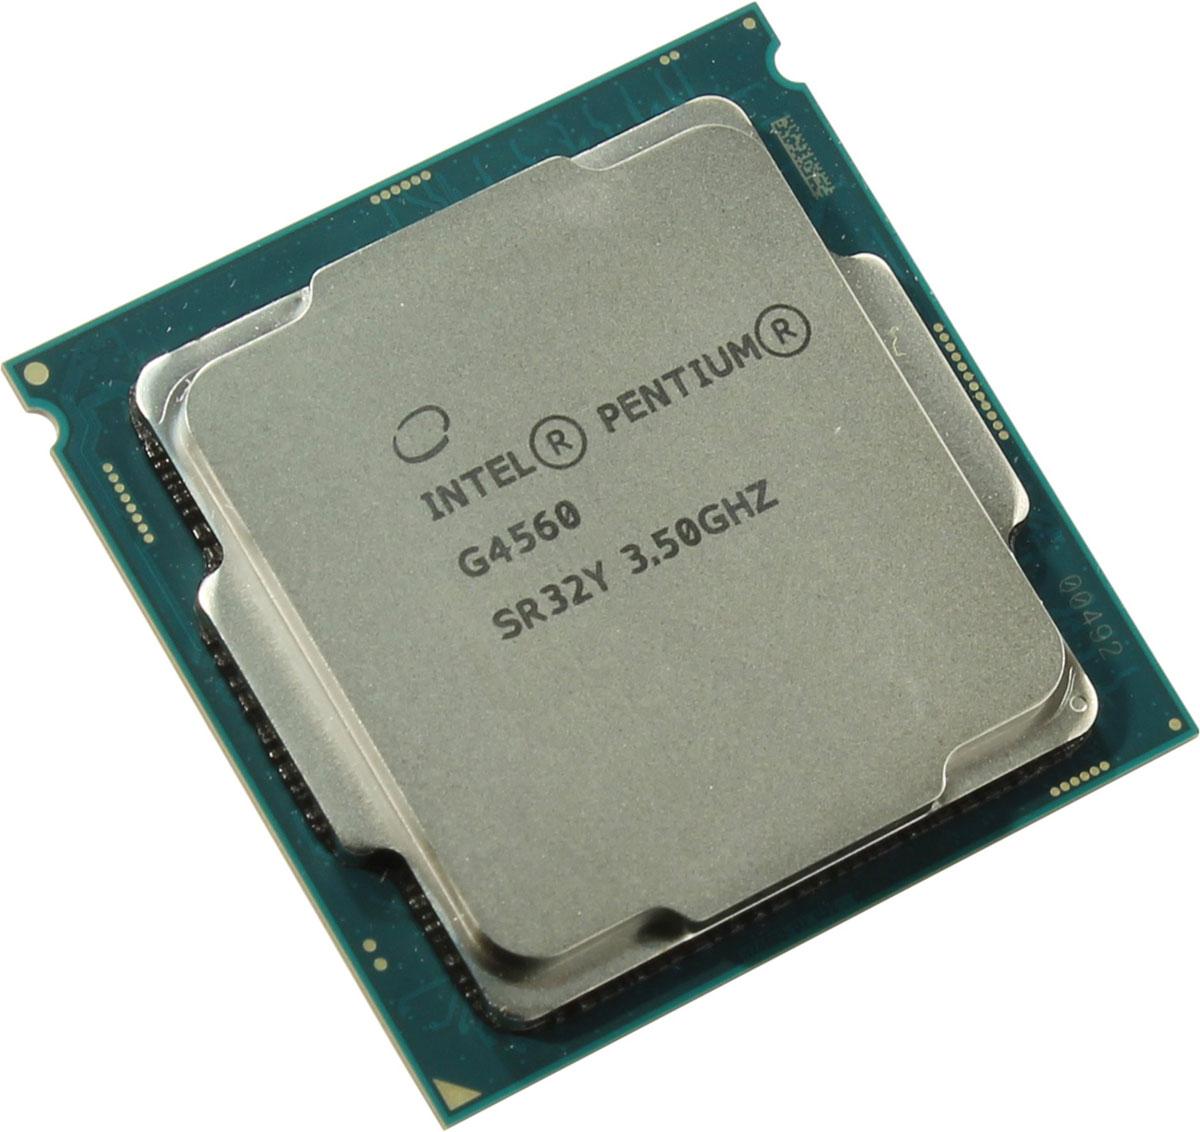 Intel Pentium G4560 процессор410642Intel Pentium G4560 - процессор для настольных персональных компьютеров, основанных на платформе Intel.В основе лежит архитектура Kaby Lake, что позволяет оптимизировать работу двух ядер и 4 потоков, функционирующих на частоте 3500 МГц. Дополнительное быстродействие обеспечивается кэш-памятью третьего уровня объемом 3072 КБ. Обработка изображения перед демонстрацией его на мониторе ПК осуществляется графическим процессором Intel HD Graphics 610.Для двусторонней передачи данных между Pentium G4560 и оперативной памятью компьютера предусмотрен встроенный контроллер, поддерживающий модули размером до 64 ГБ. Также в данной модели установлены контроллер PCI-E 3.0 и системная шина DMI 3.0, которые используются для связи с другими элементами ПК.